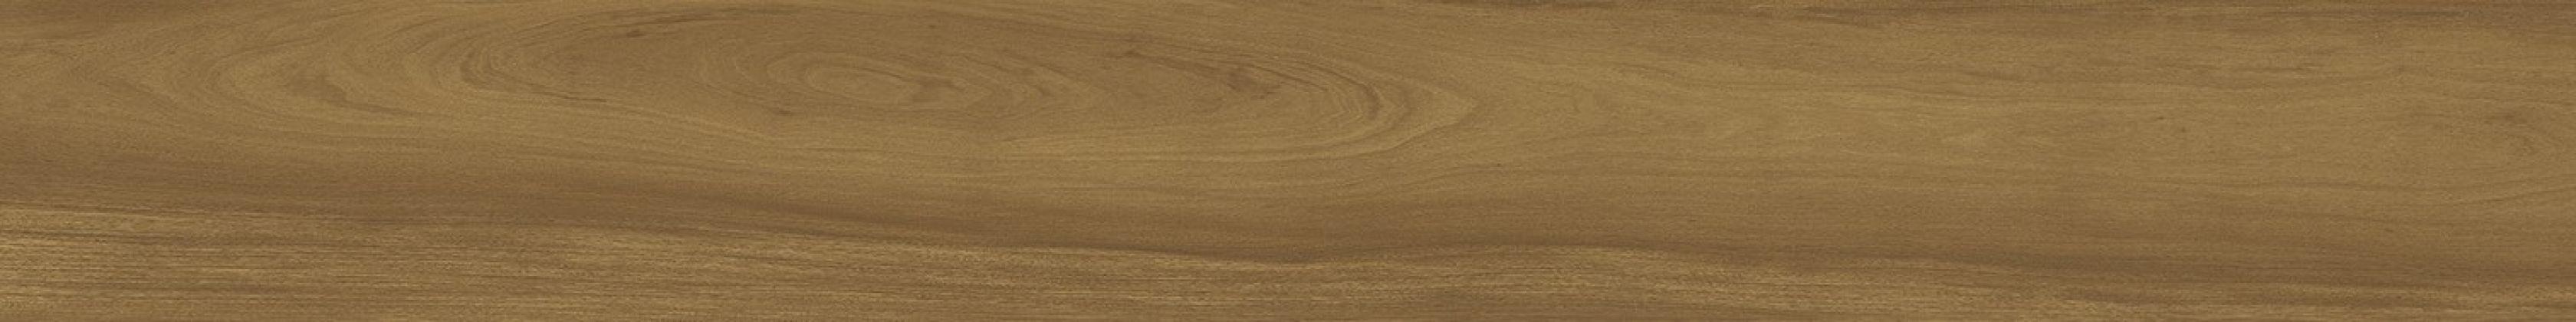 Скайфолл палиссандро Рет 20x160